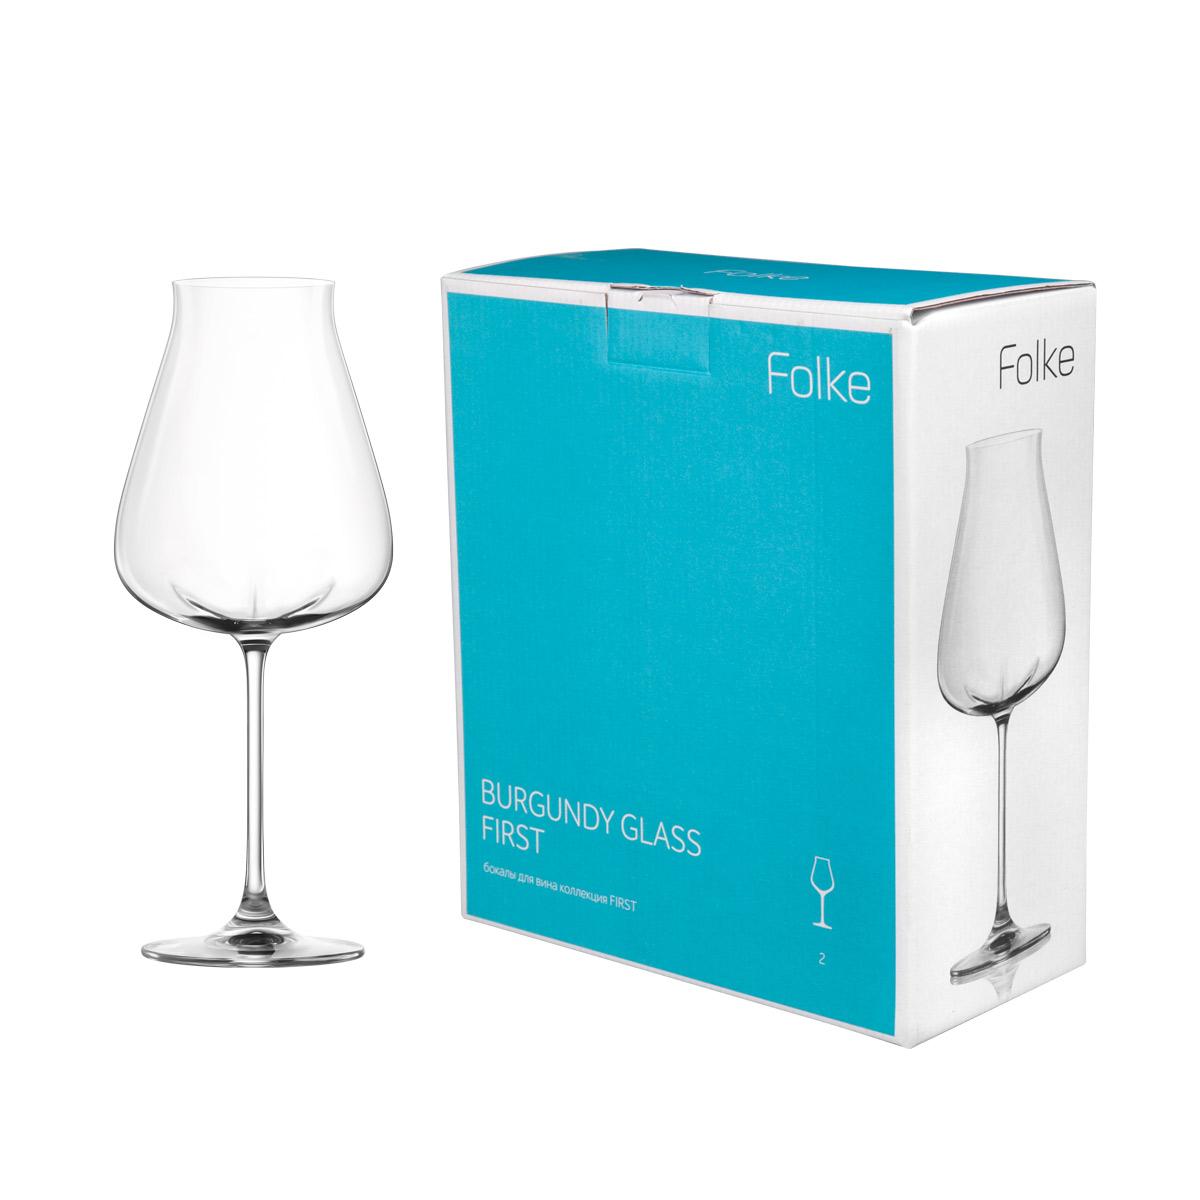 Набор бокалов для вина Folke Burgundy Glass, 700 мл, 2 шт. 2007176U2007176UНабор Folke Burgundy Glass - это бокалы для вина из бессвинцового хрусталя высшего качества. Изделия отличаются исключительной чистотой и повышенной устойчивостью к механическим повреждениям. Улучшенные характеристики изделий позволяют использовать их повседневно в домашних условиях и в ресторанном бизнесе. Оригинальный дизайн позволяет любому напитку полностью раскрыться и заиграть новыми красками. Это поистине уникальное творение современных технологий и многолетнего опыта лучших мировых сомелье.